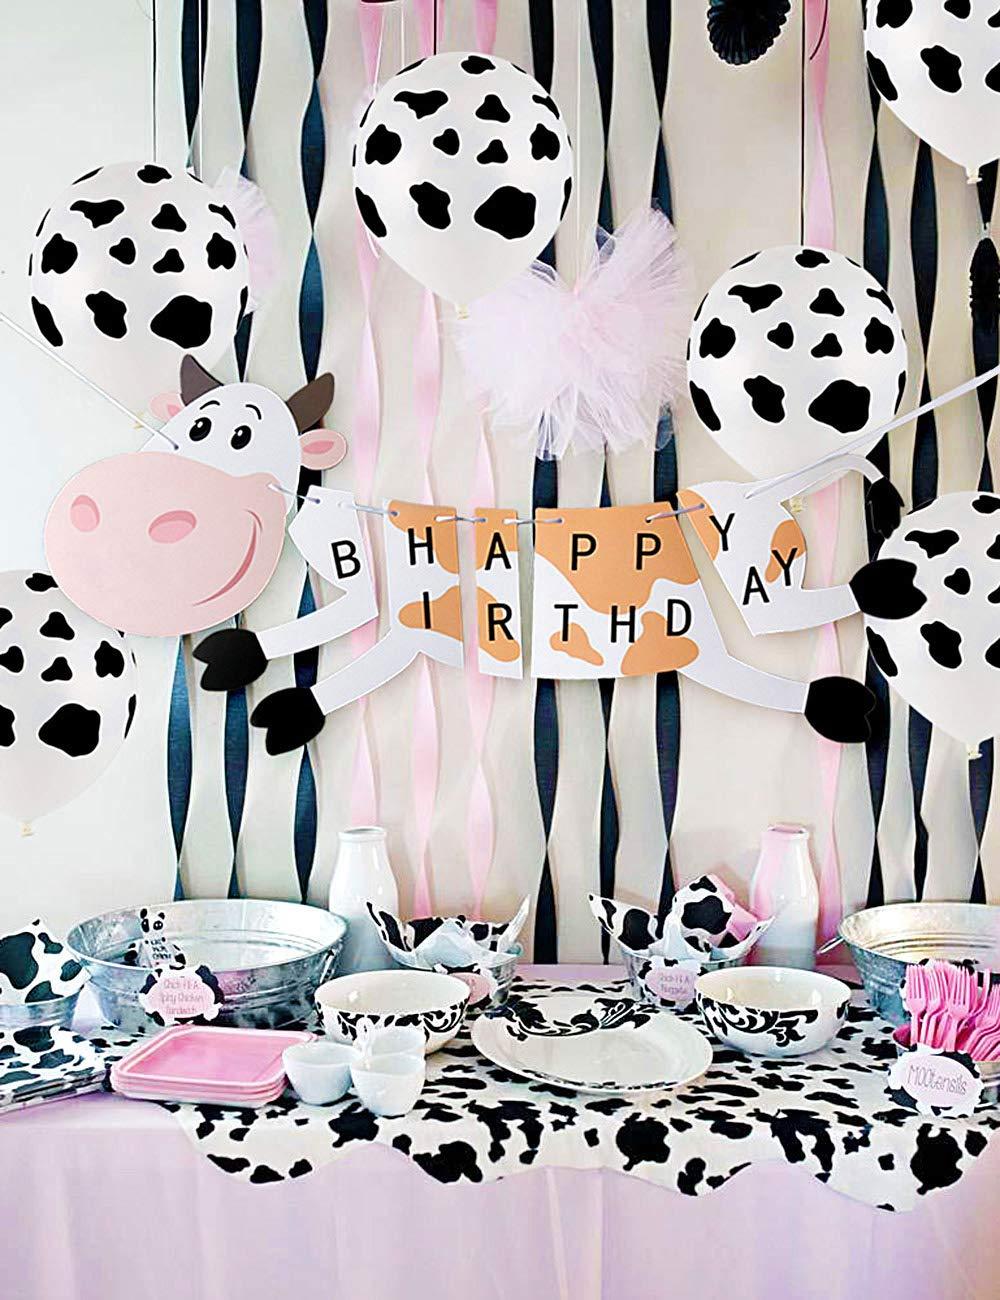 Decoración de cumpleaños de granja con pancartas de cumpleaños de vaca, globos de látex con estampado de vaca y globos de aluminio para la fiesta ...